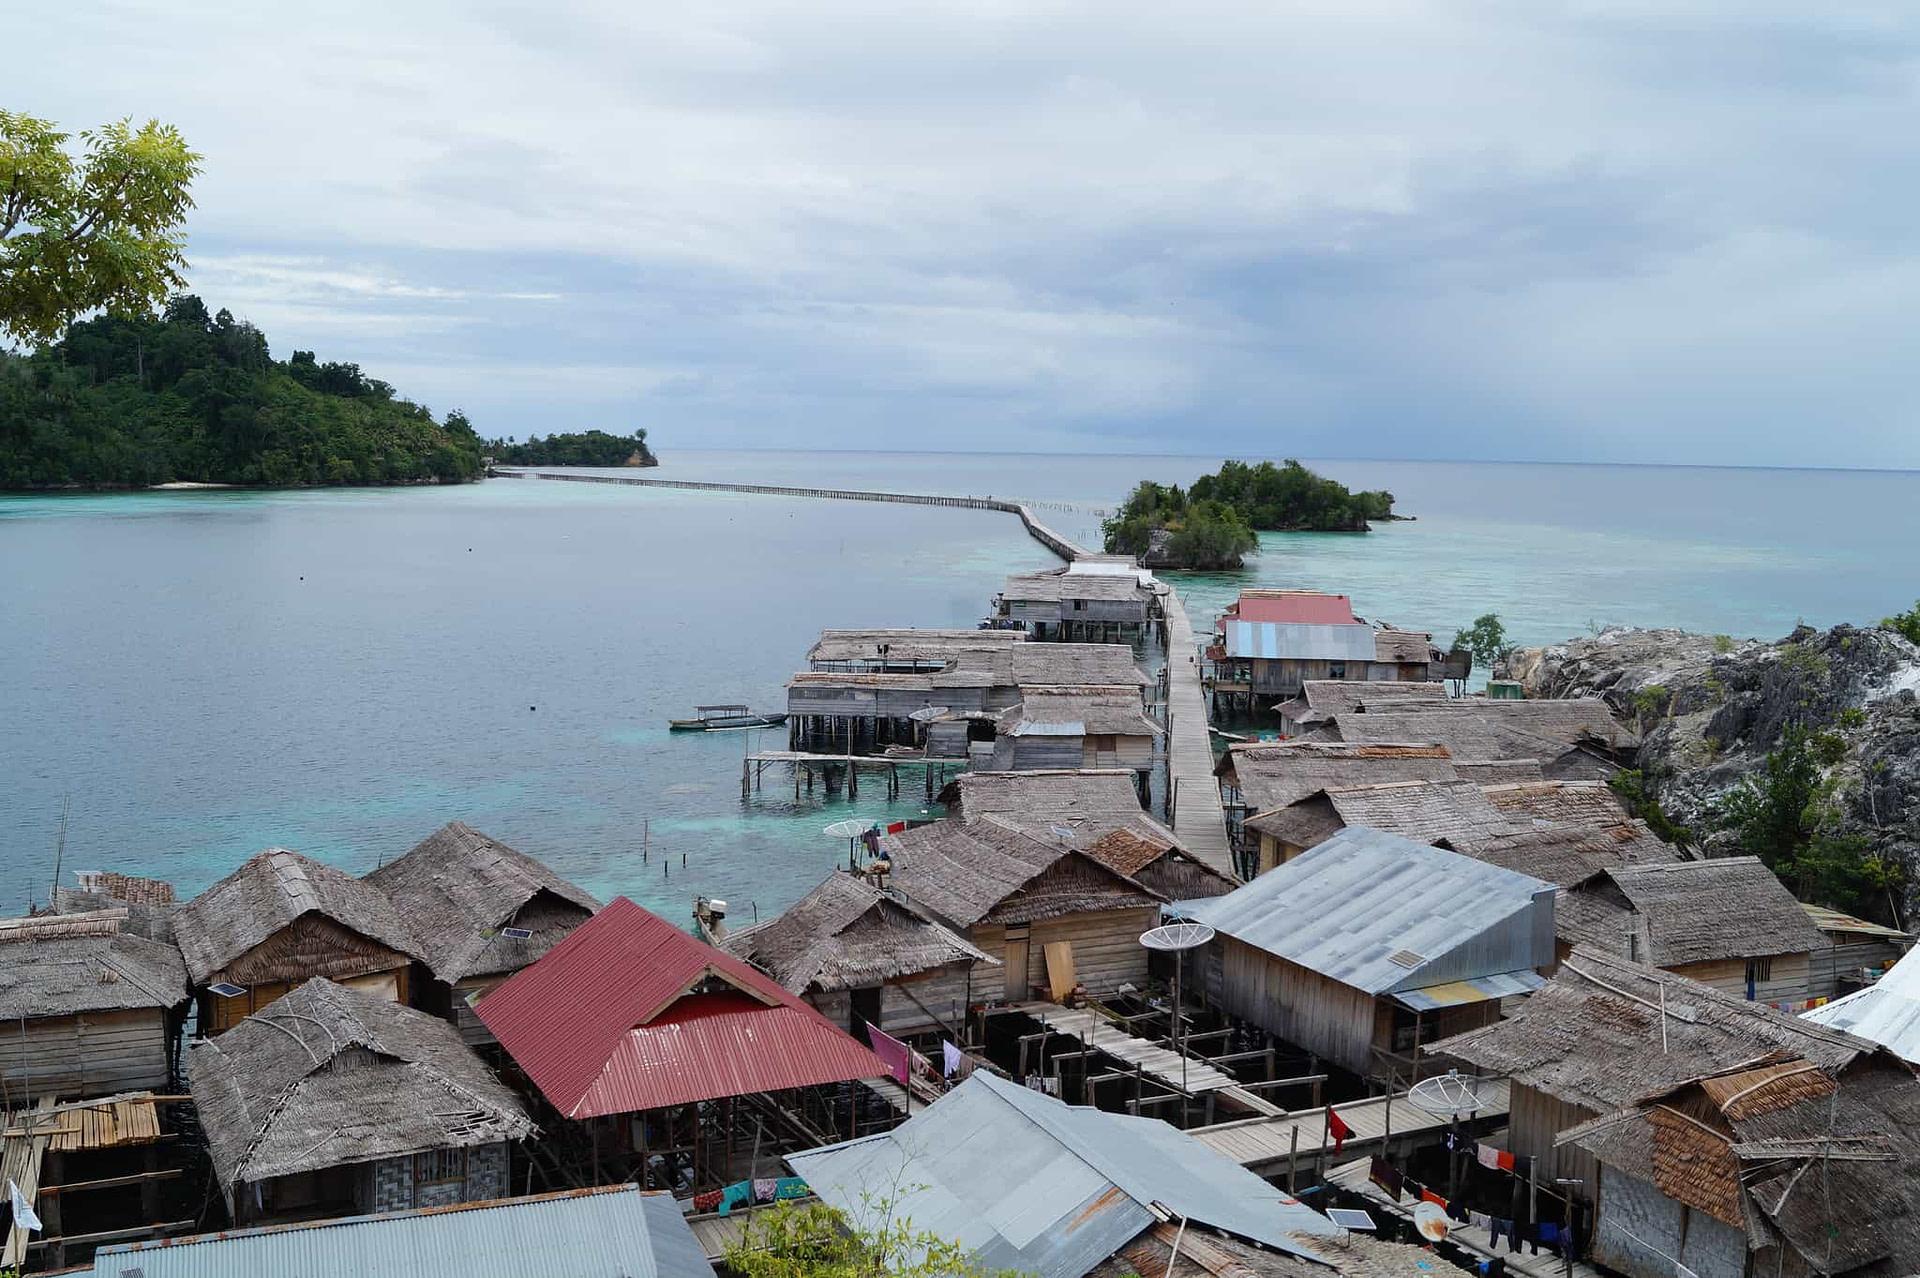 Togean Islands - Niek van Son, Creative Commons BY 2.0